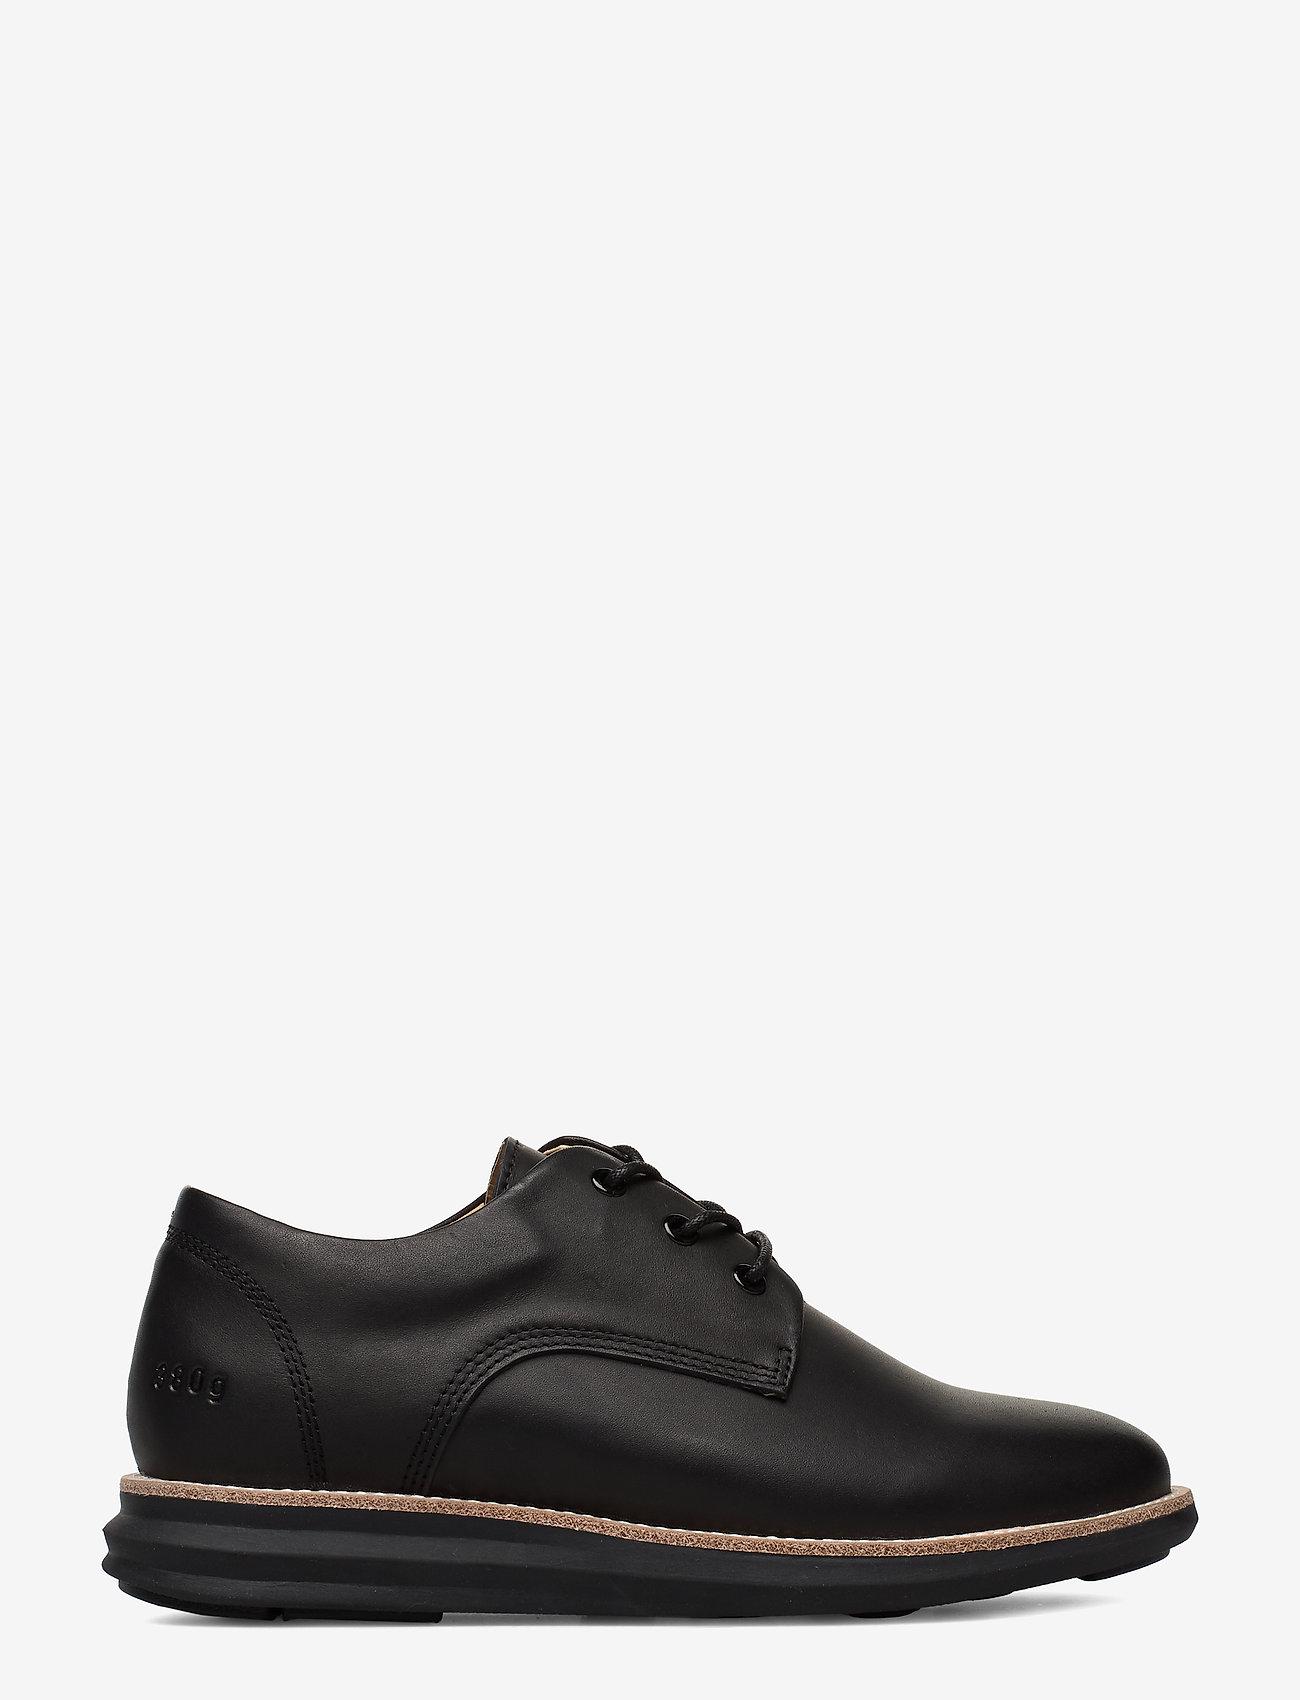 Gram - 380g WA black leather - buty sznurowane - black - 1